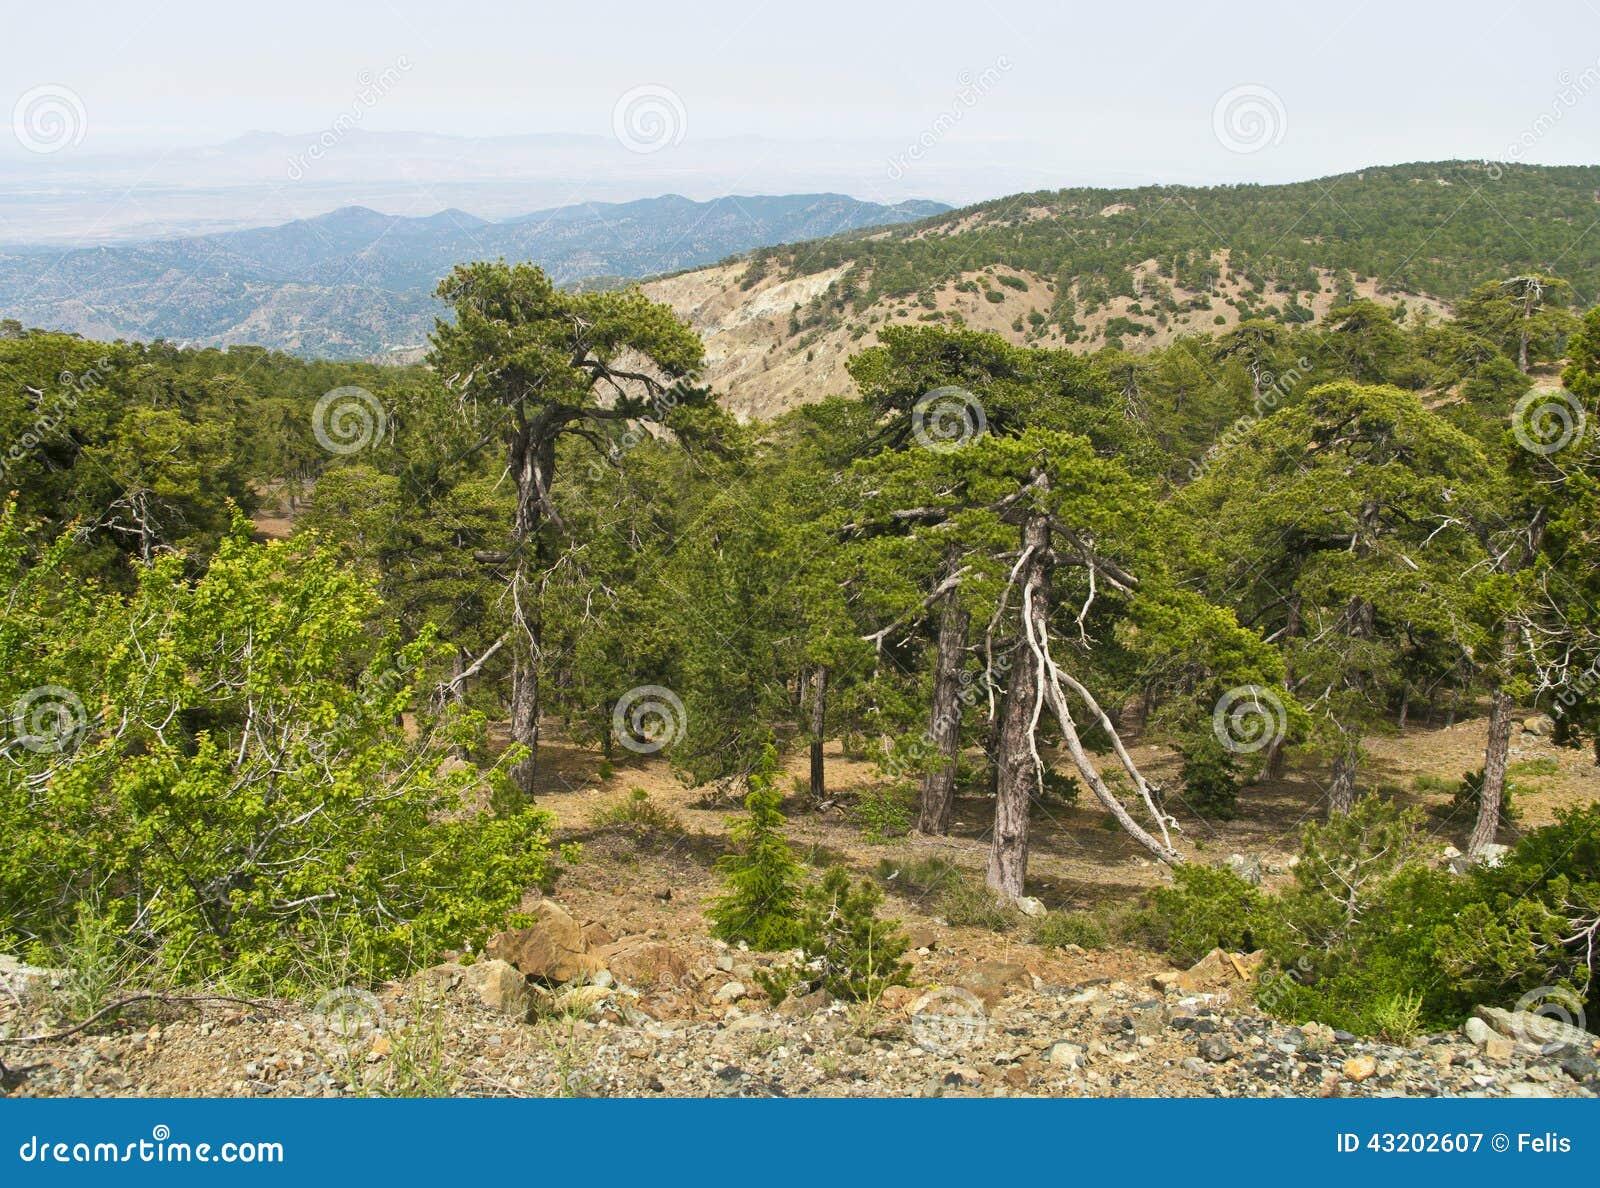 Download Sörja bergskogen fotografering för bildbyråer. Bild av natur - 43202607